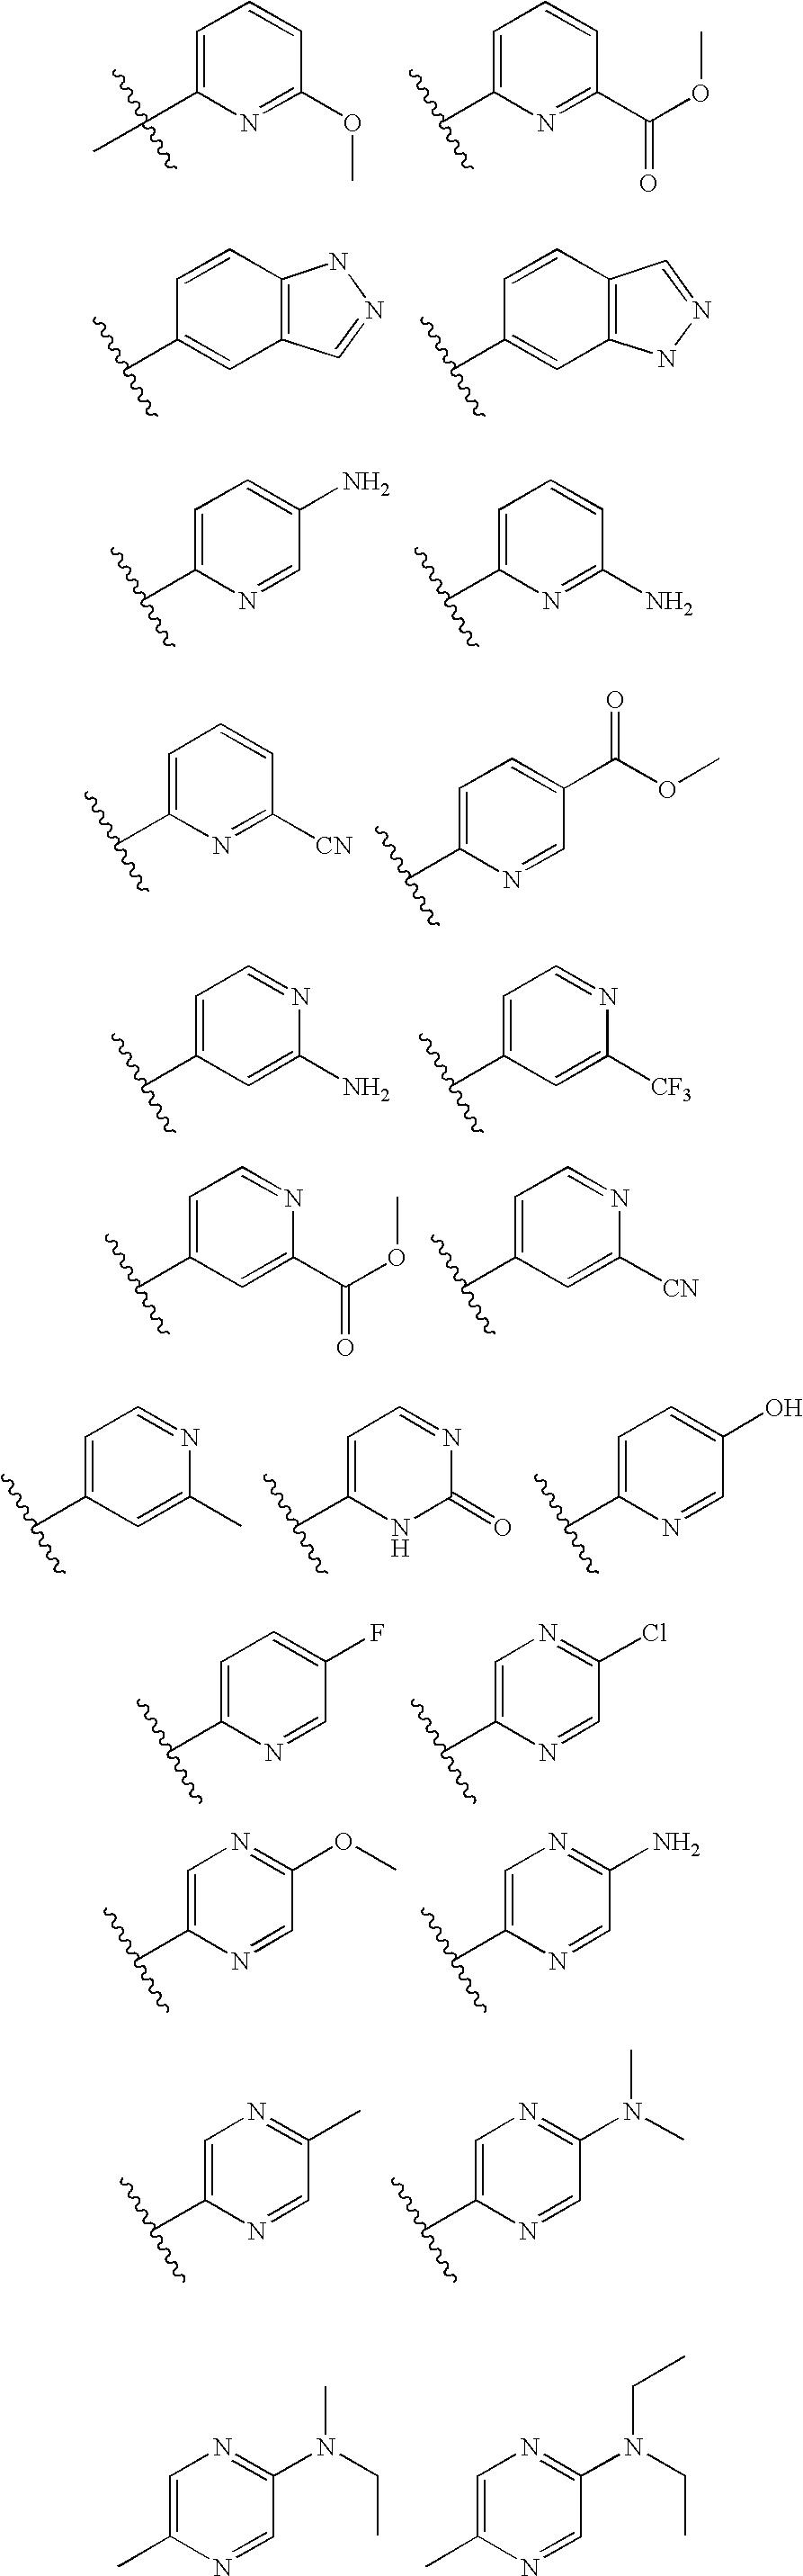 Figure US20090312319A1-20091217-C00023